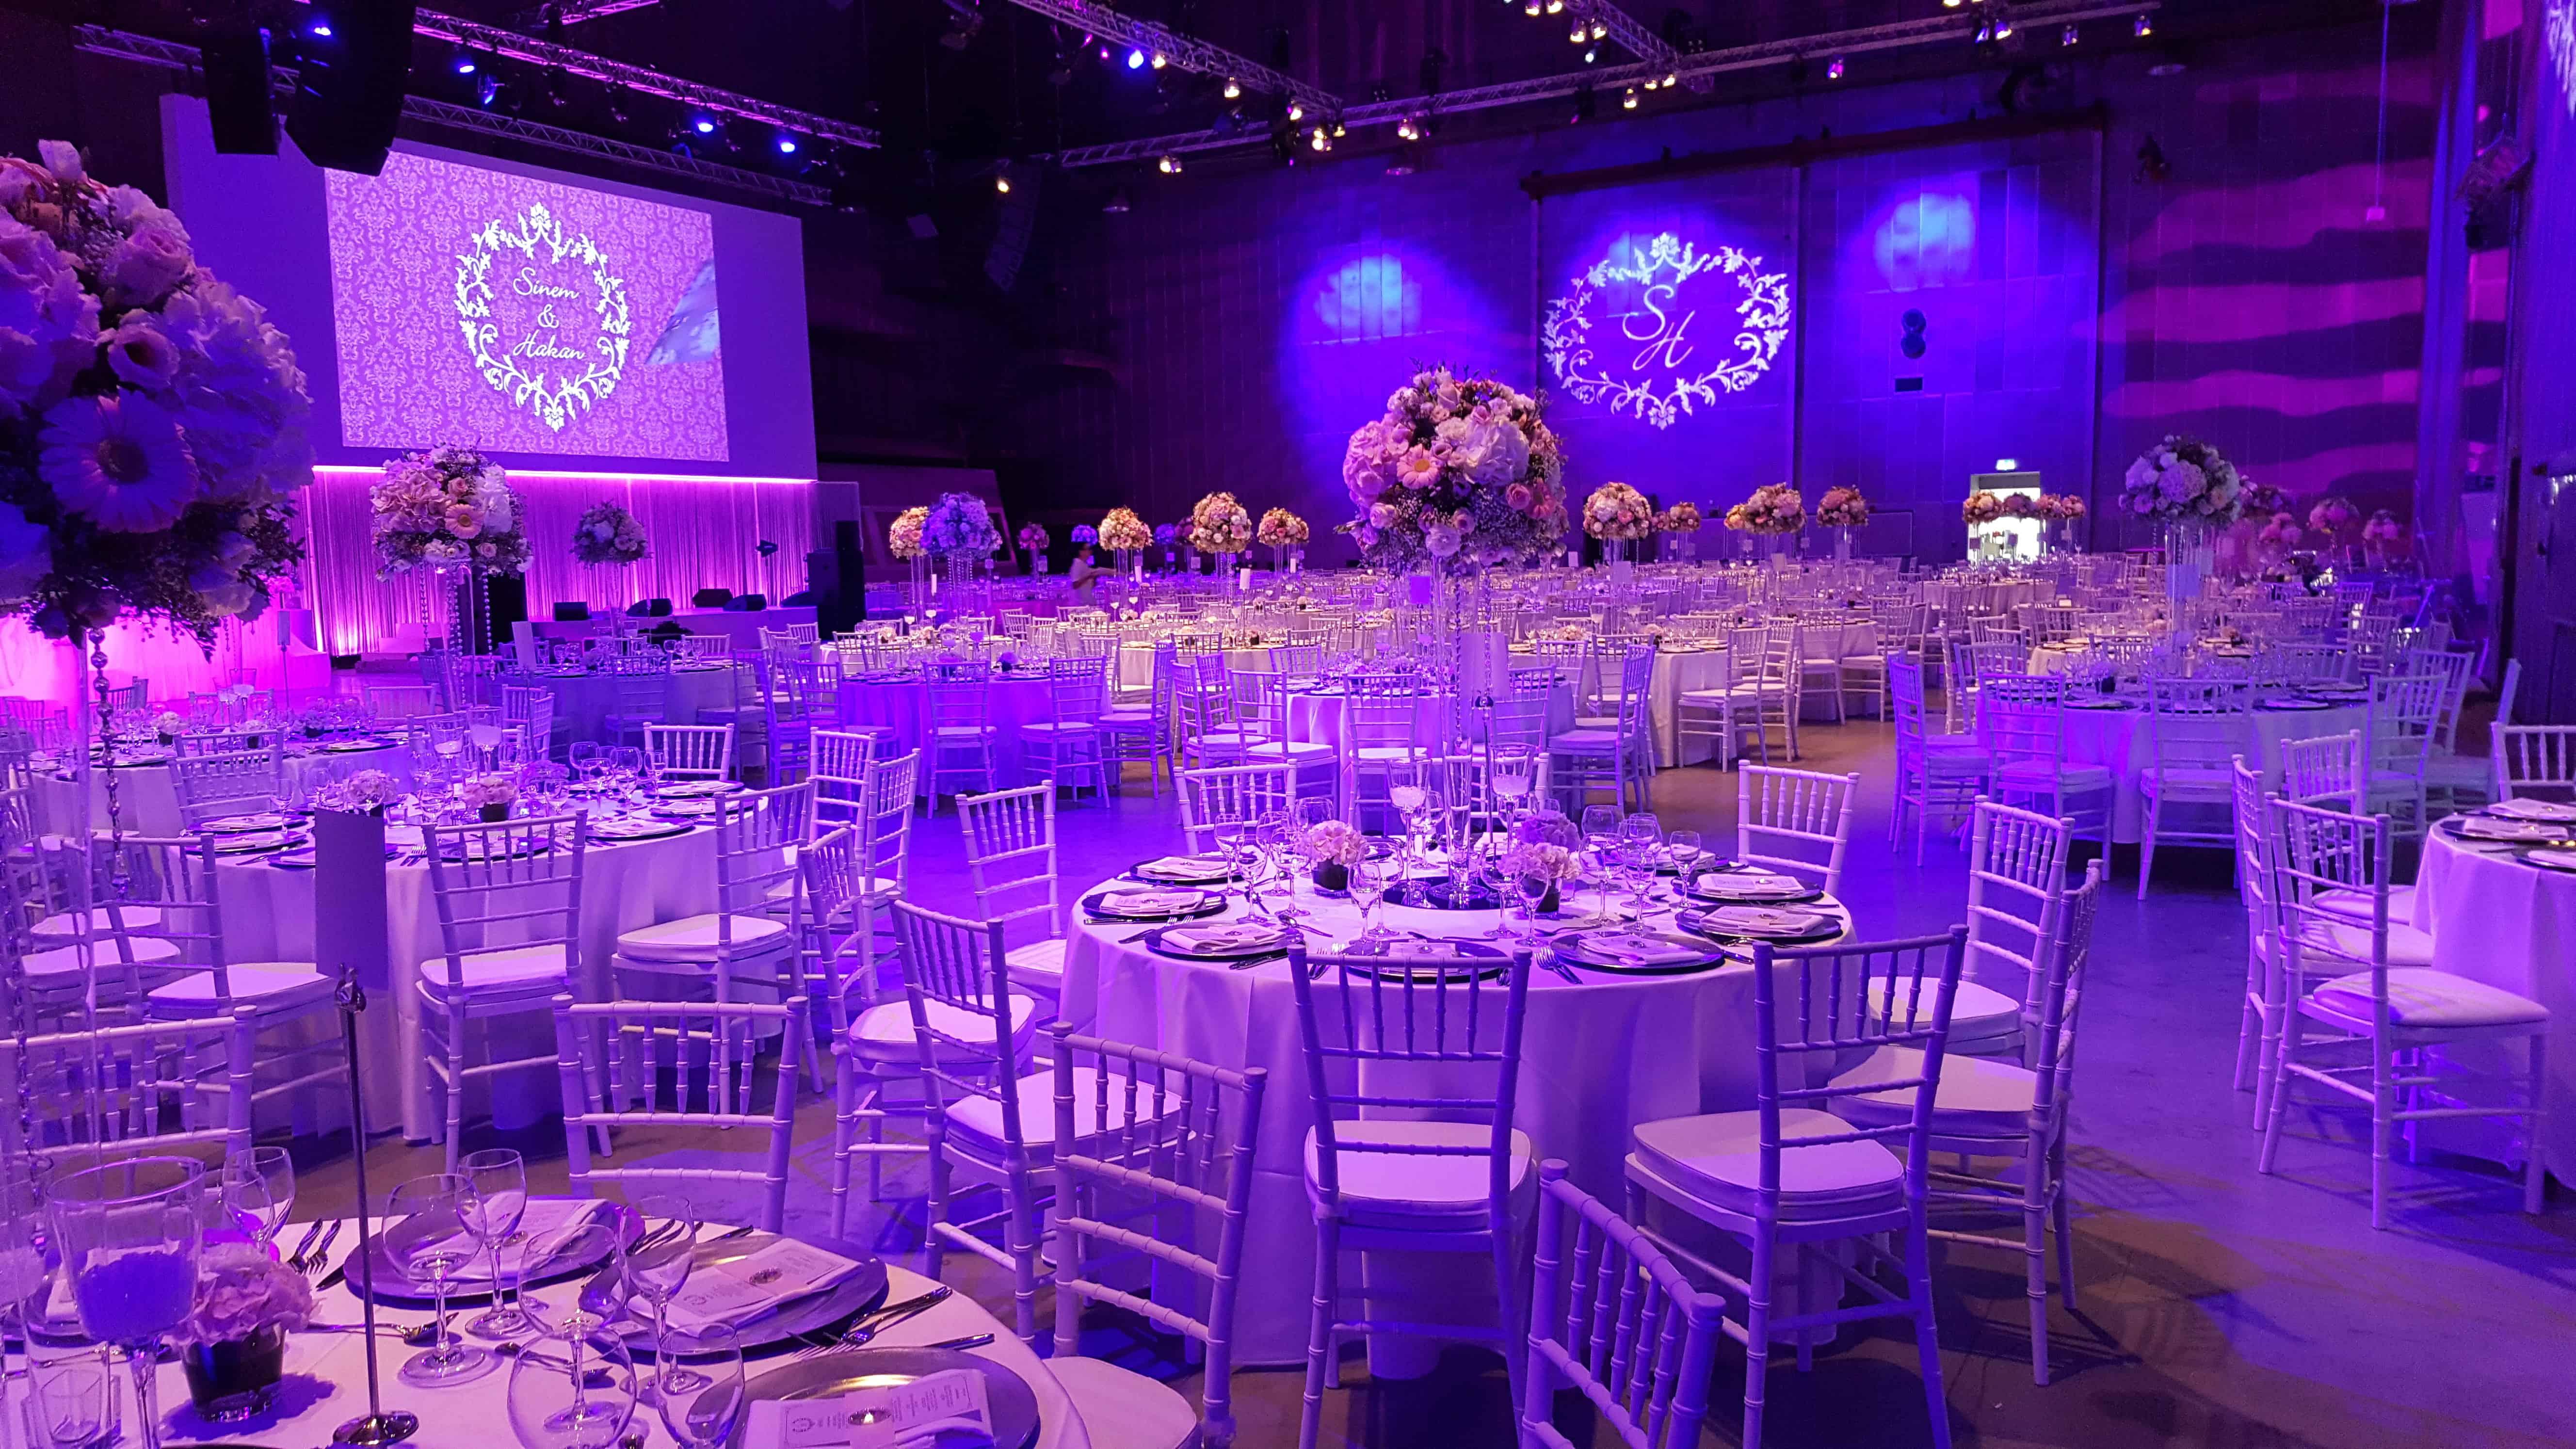 Technische Ausstattung einer Hochzeitsfeier | around GmbH